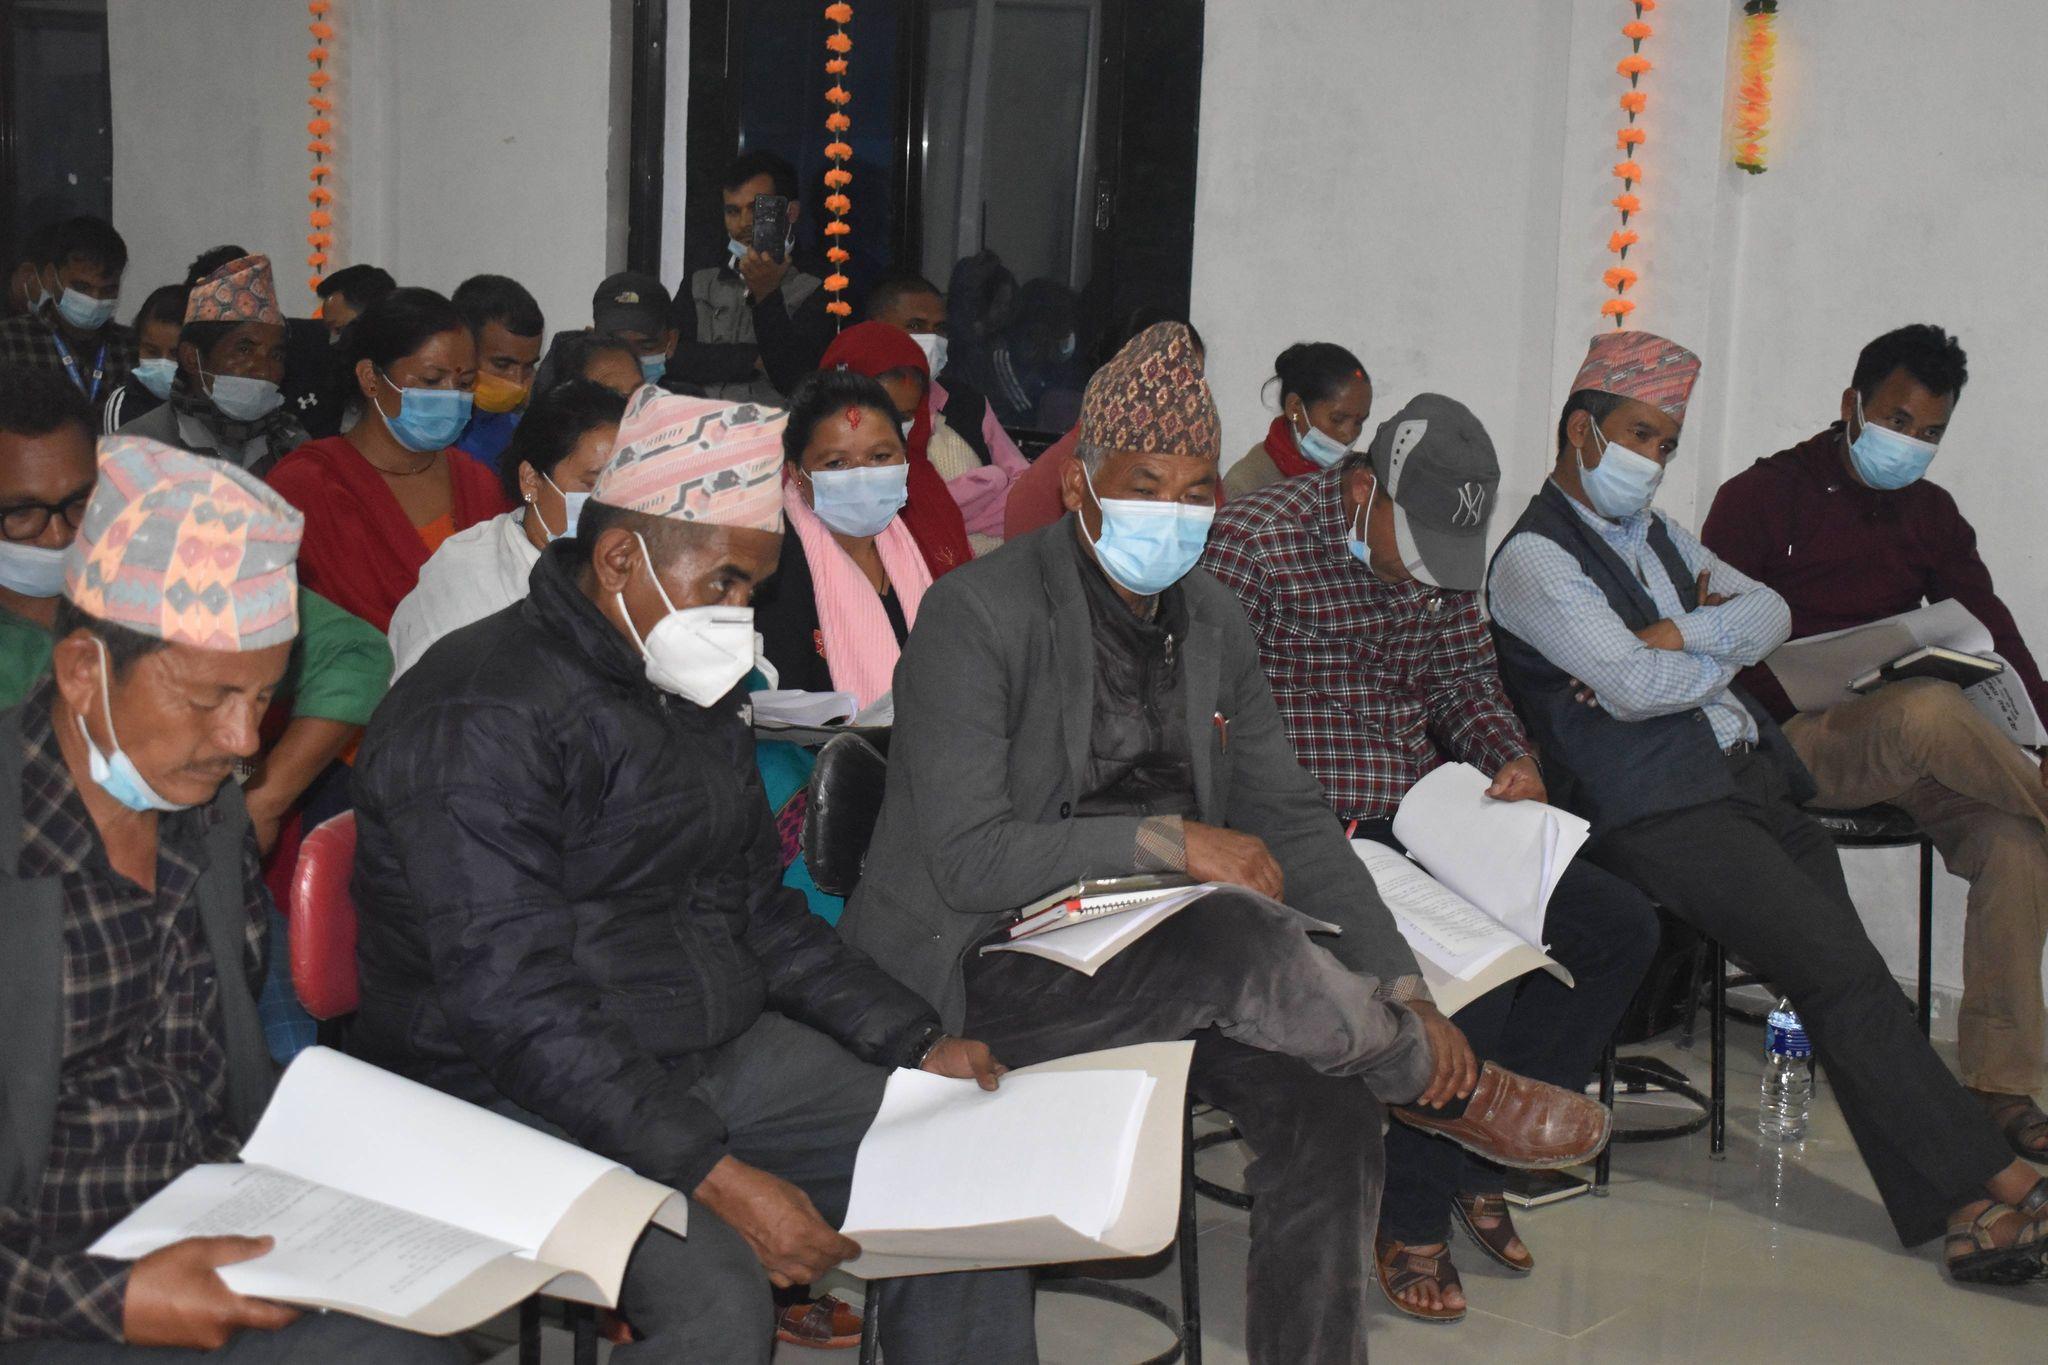 टुहुरा बालवालिकालाई १५ बर्ष उमेर सम्म आर्थिक सहायता